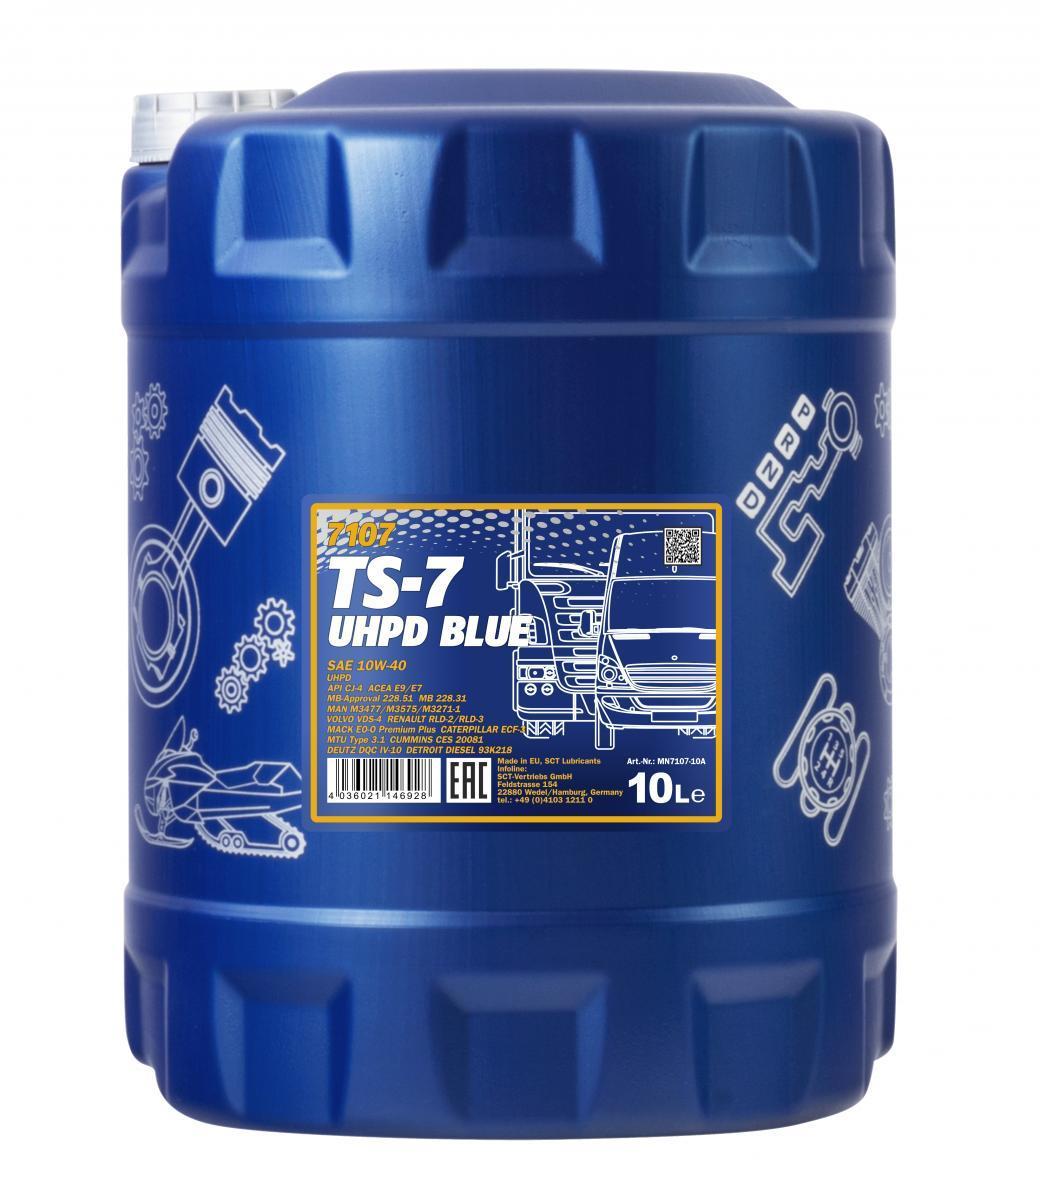 MN7107-10 MANNOL TS-7, UHPD Blue 10W-40, 10l Motoröl MN7107-10 günstig kaufen